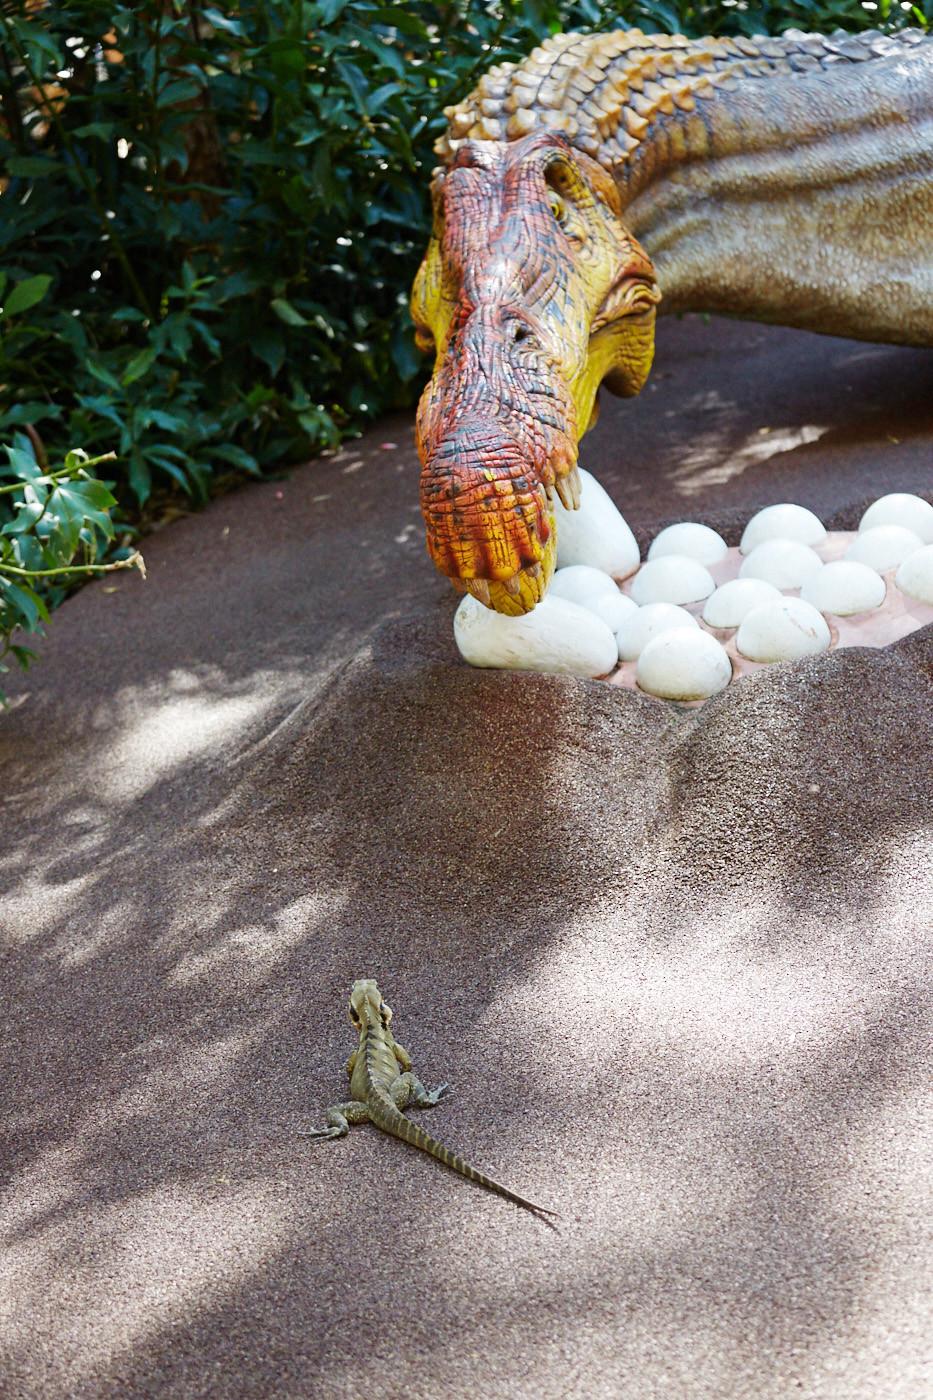 Auch noch Foto 4: Die Eidechse scheint sich mit der großen Dinosauerieratrappe messen zu wollen. Sie starren sich wie bei einem Cowboyduell in die Augen